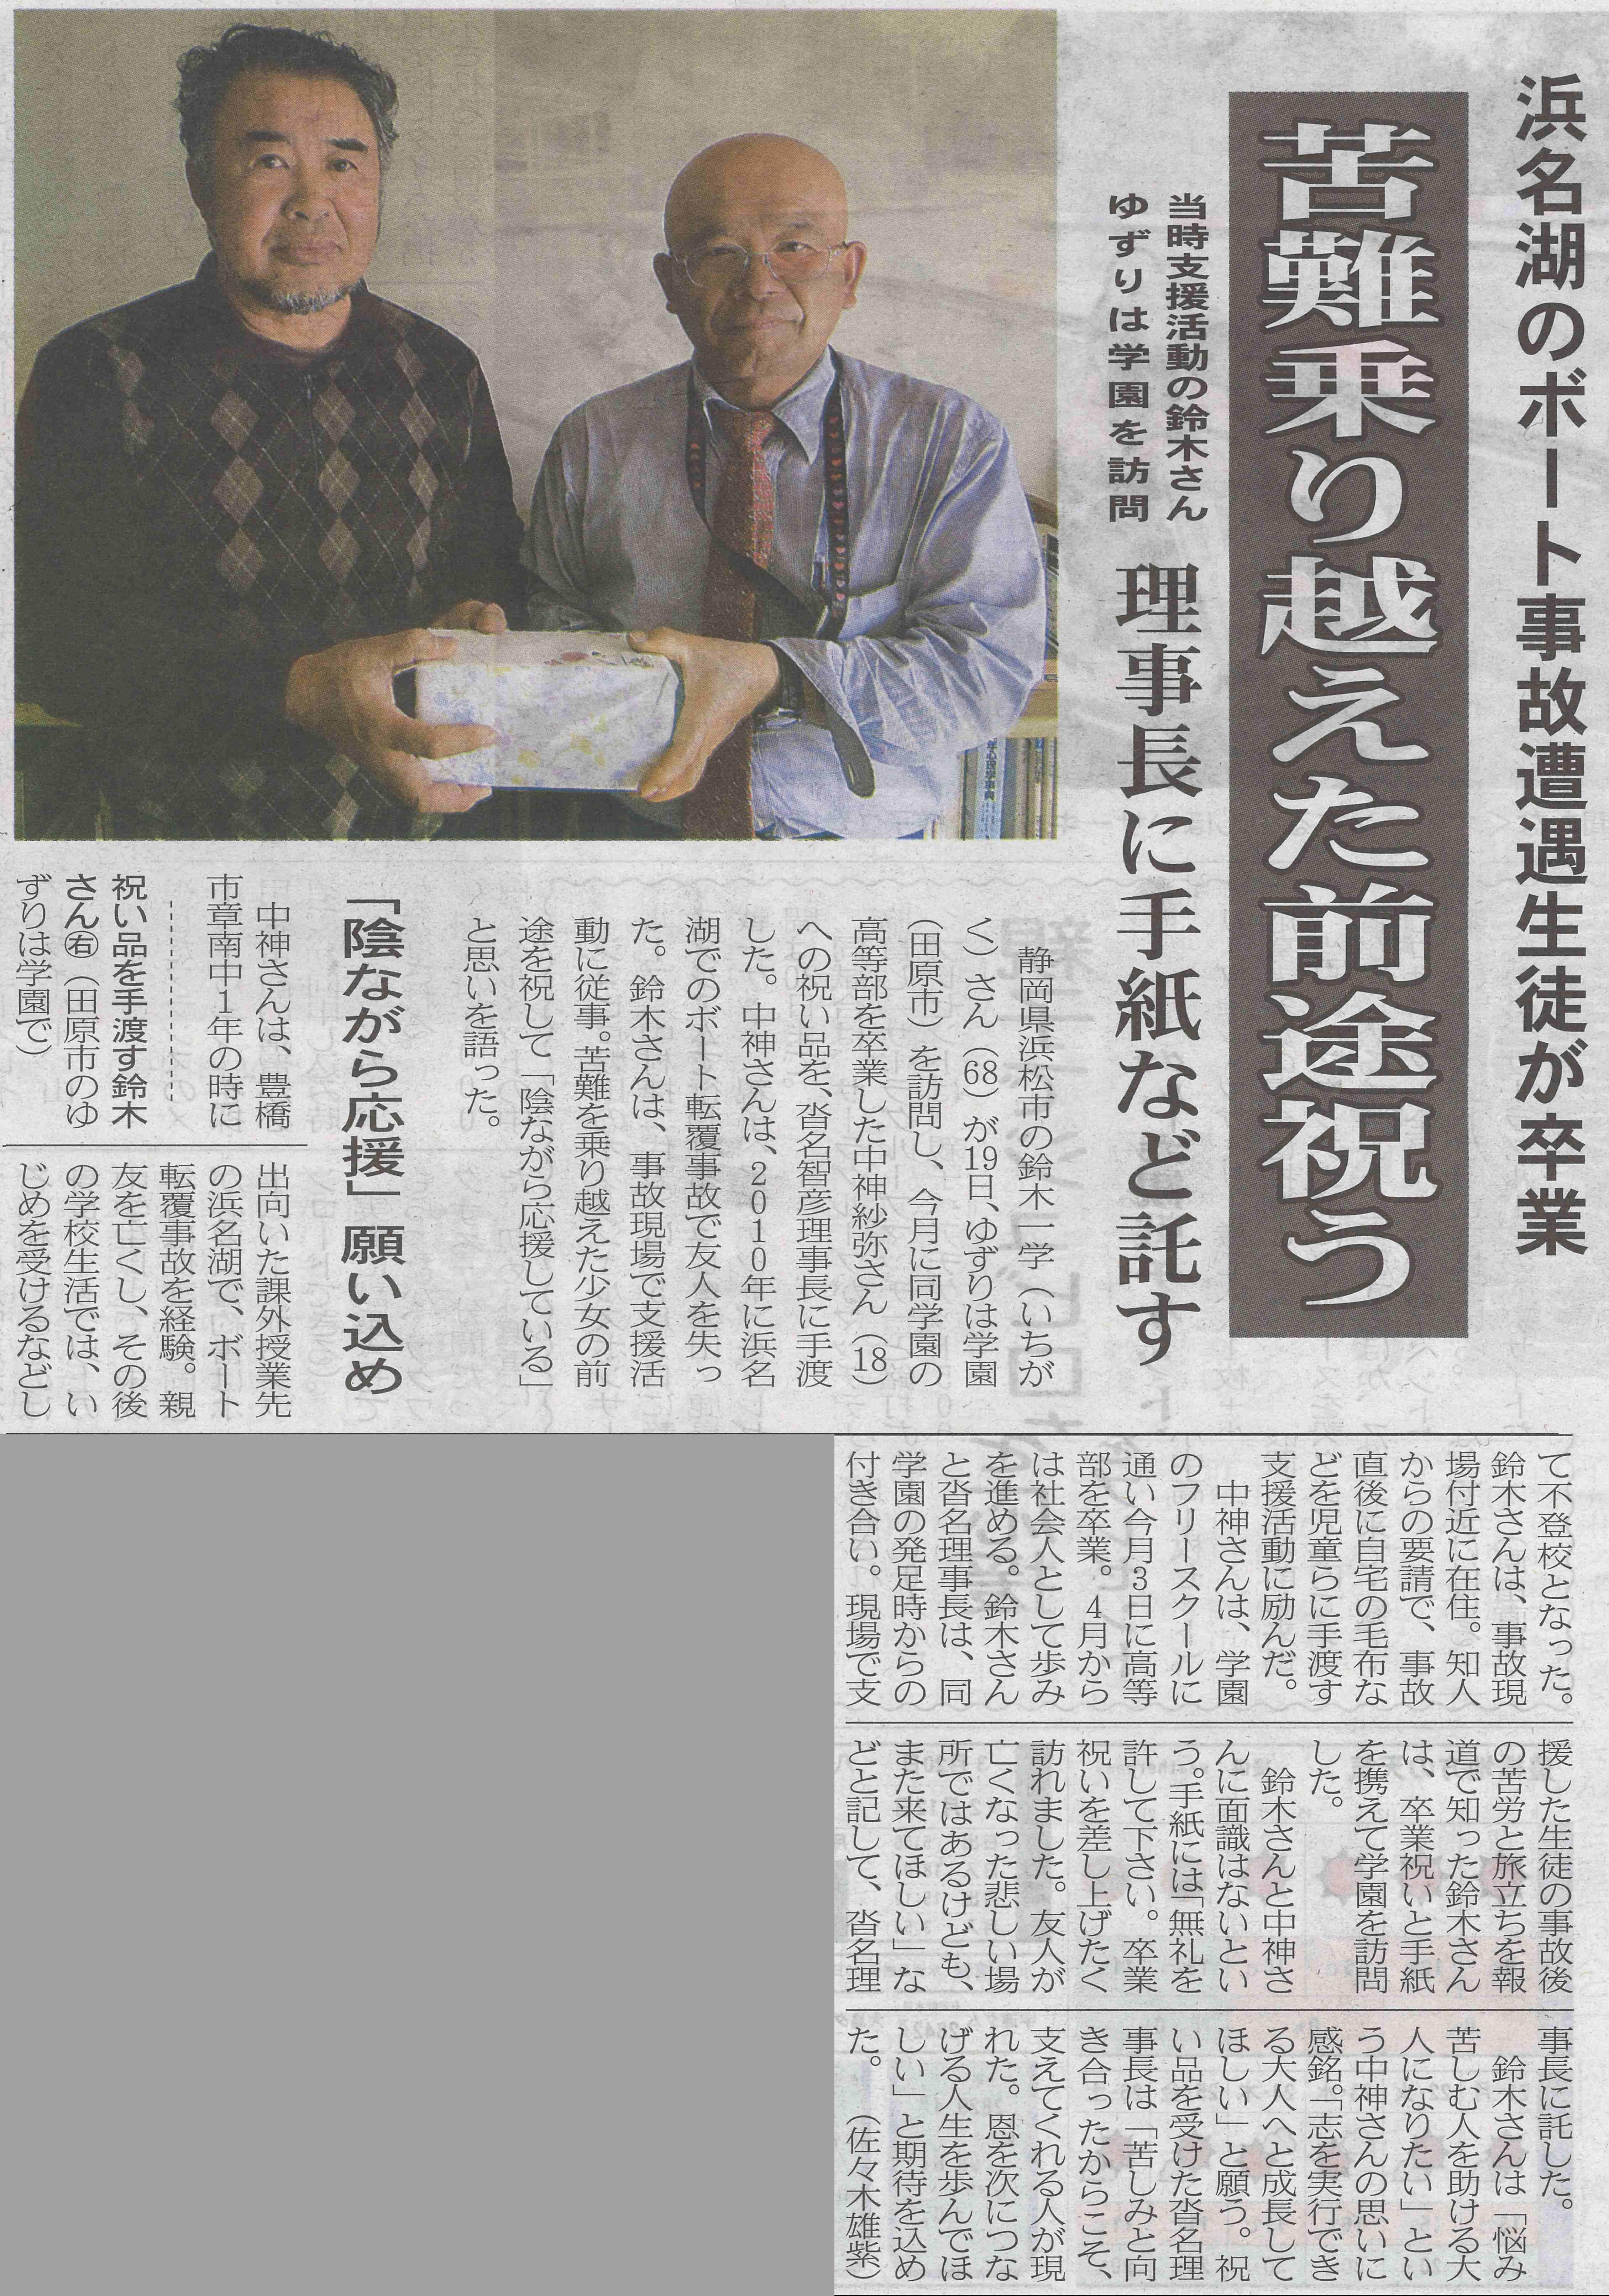 029_ 東日新聞掲載「苦難乗り越えた前途祝う」